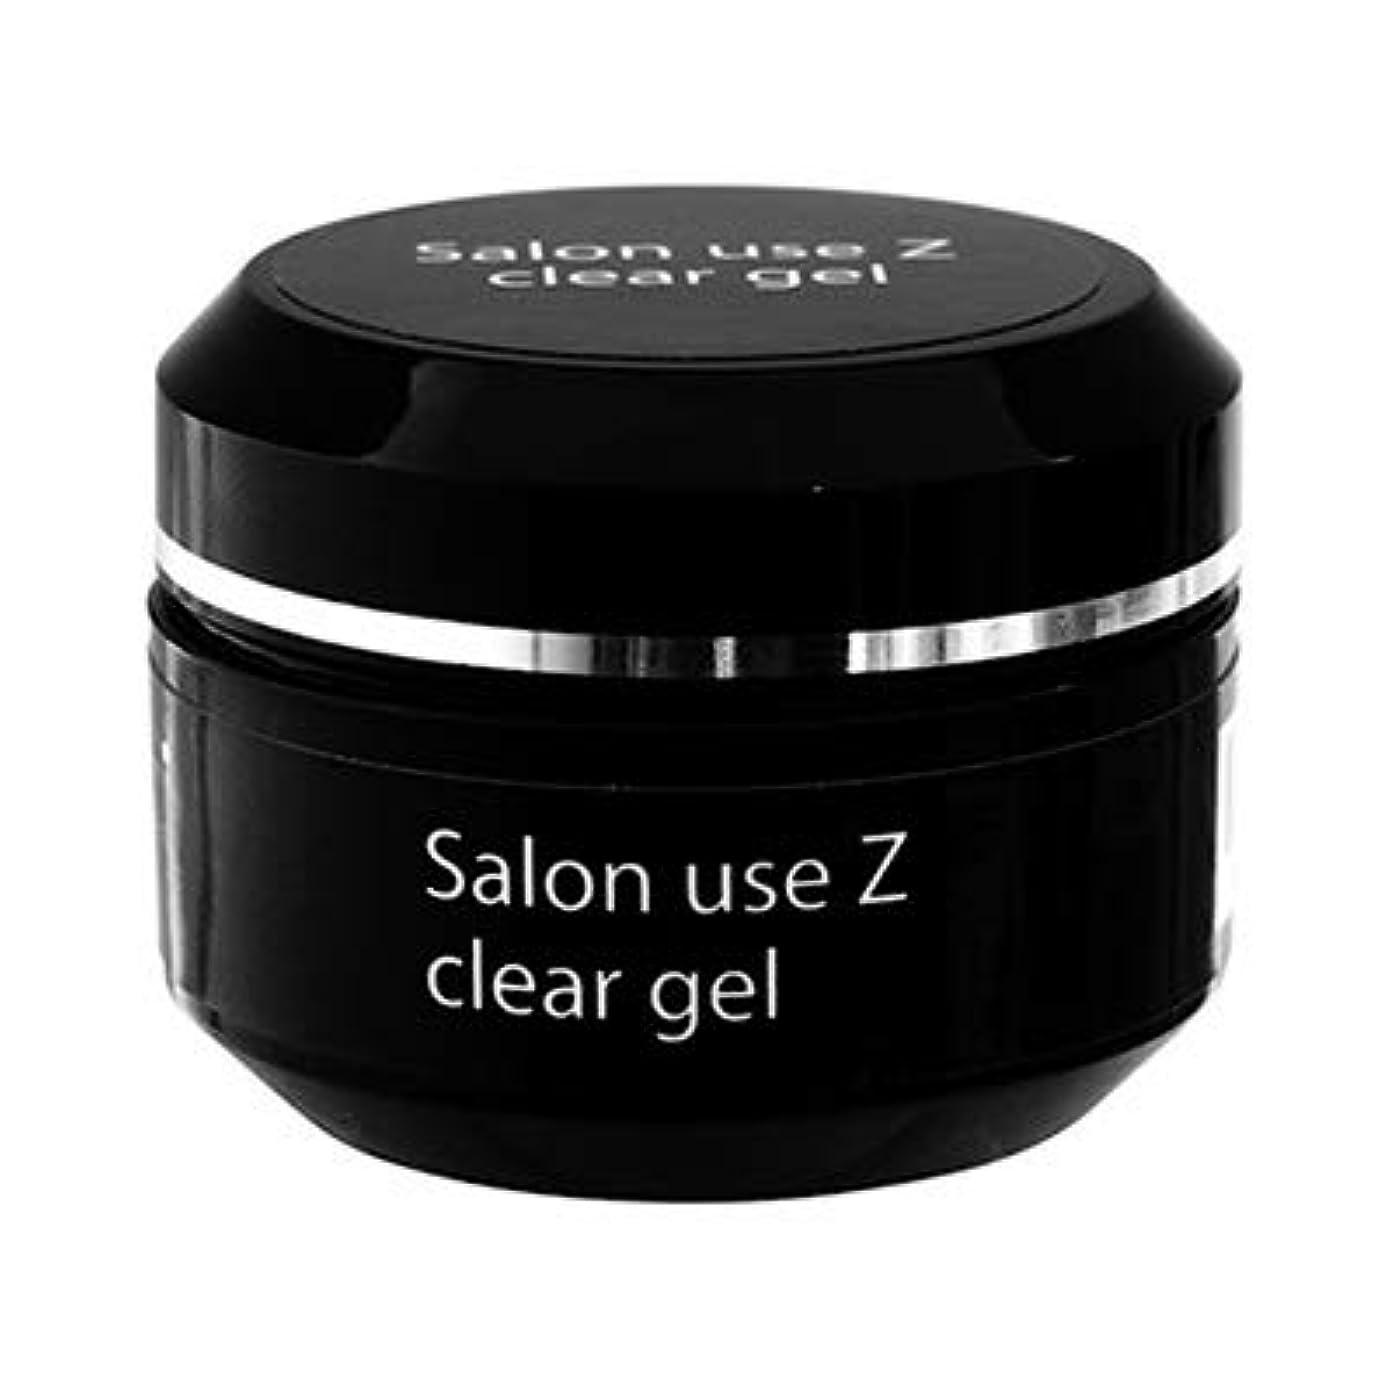 平均影響力のある平均Salon use Z クリアジェル 15g